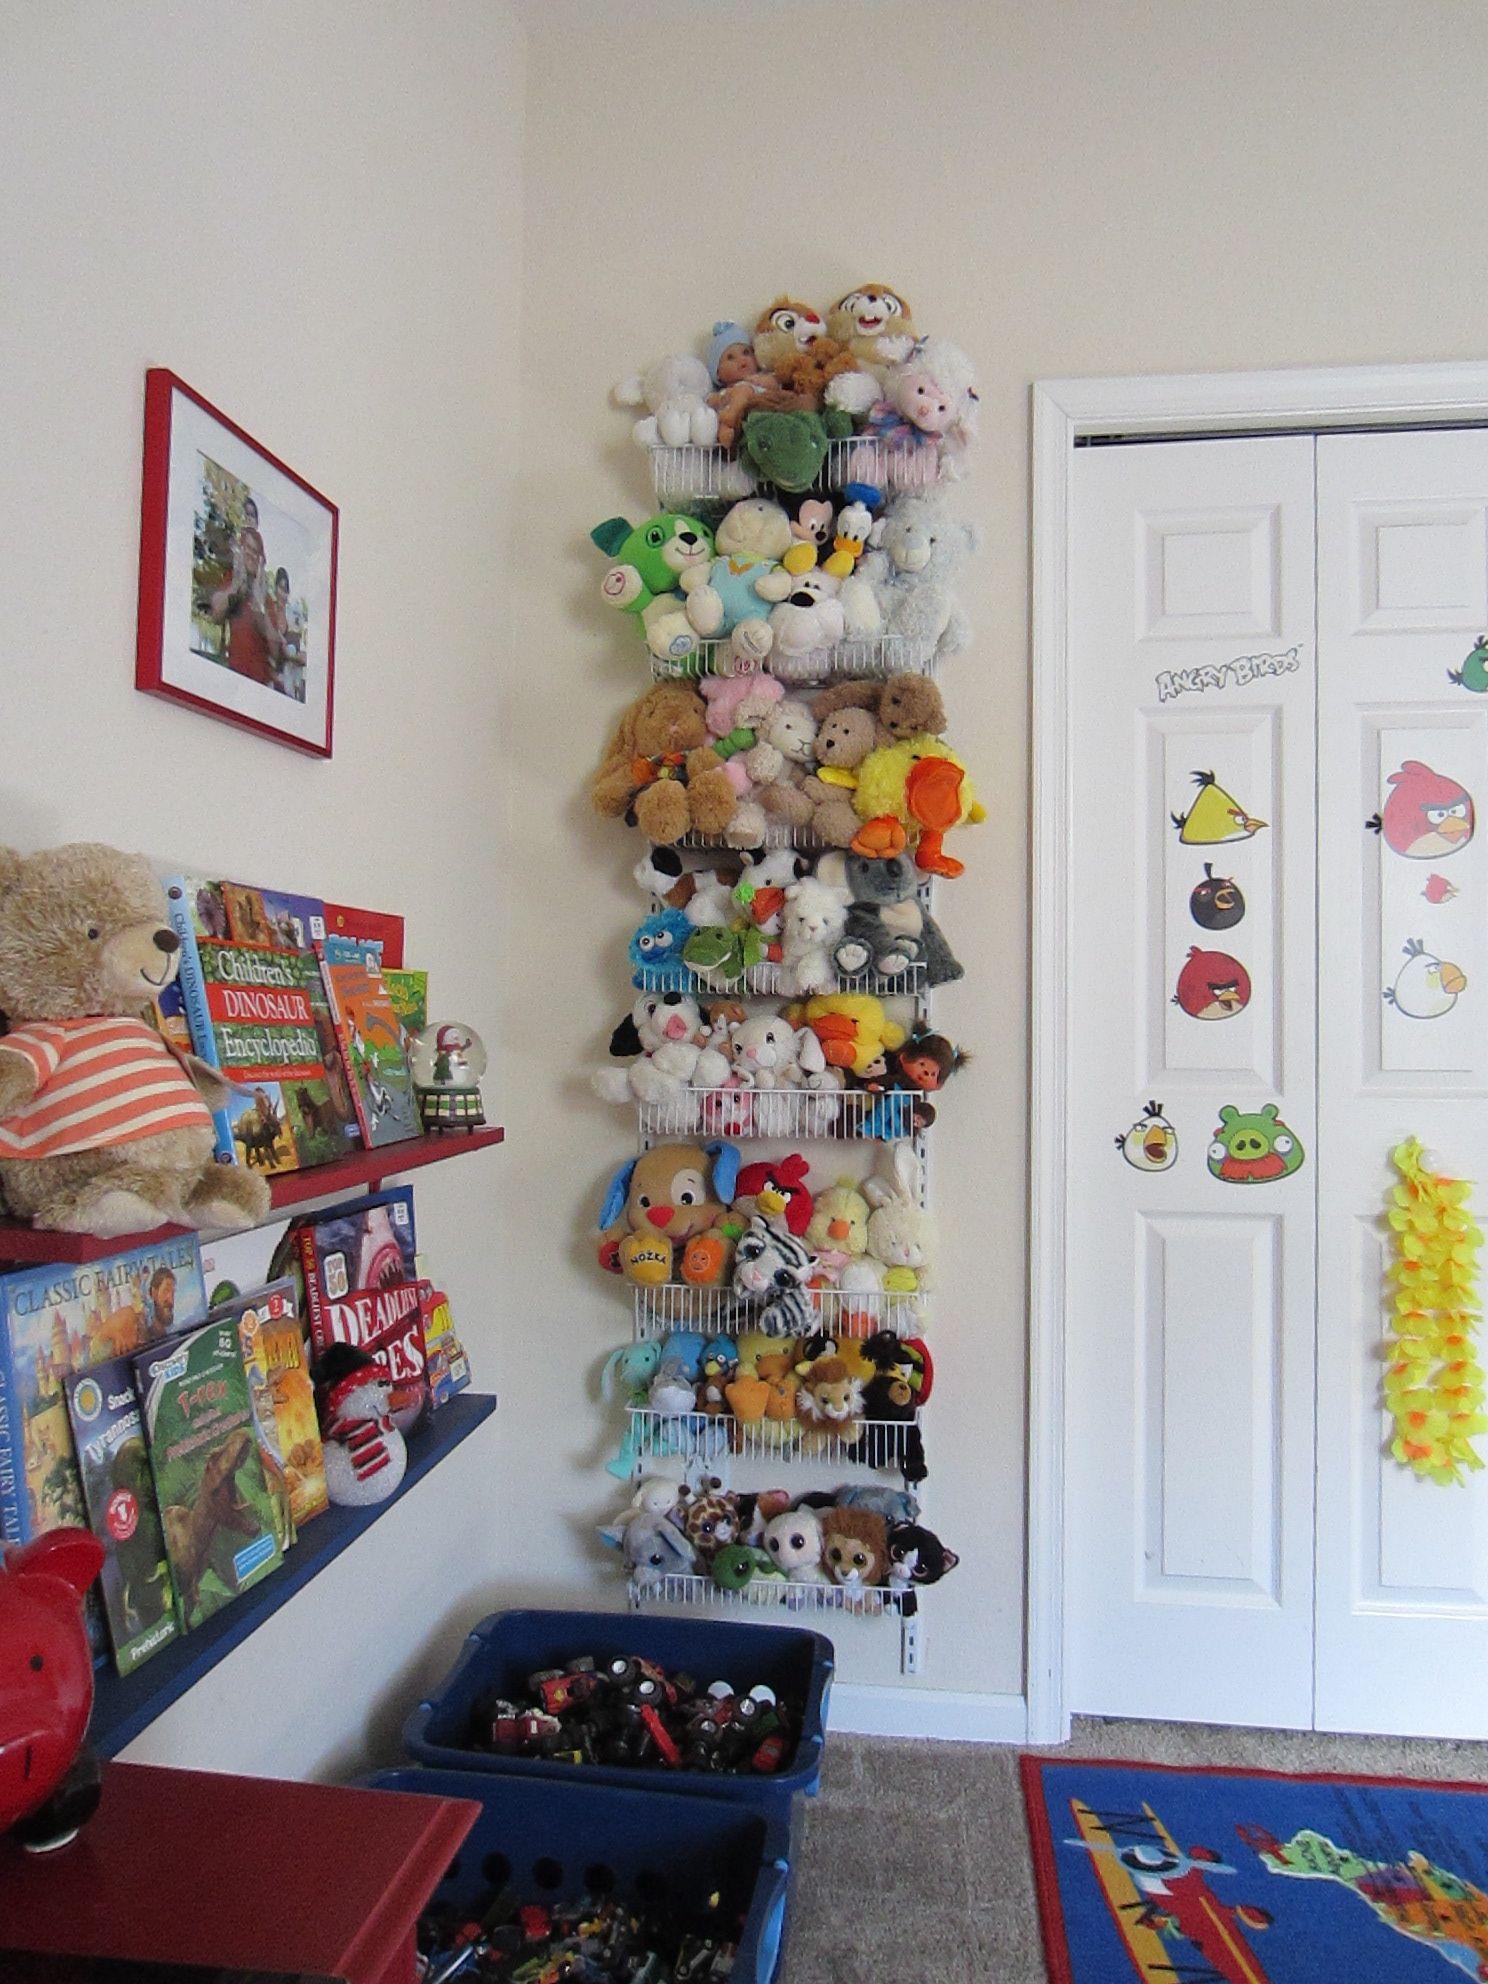 Stuffed Animals Storage: Closet Maid 8 Tier Adjustable Door Rack From  Target ($34.99